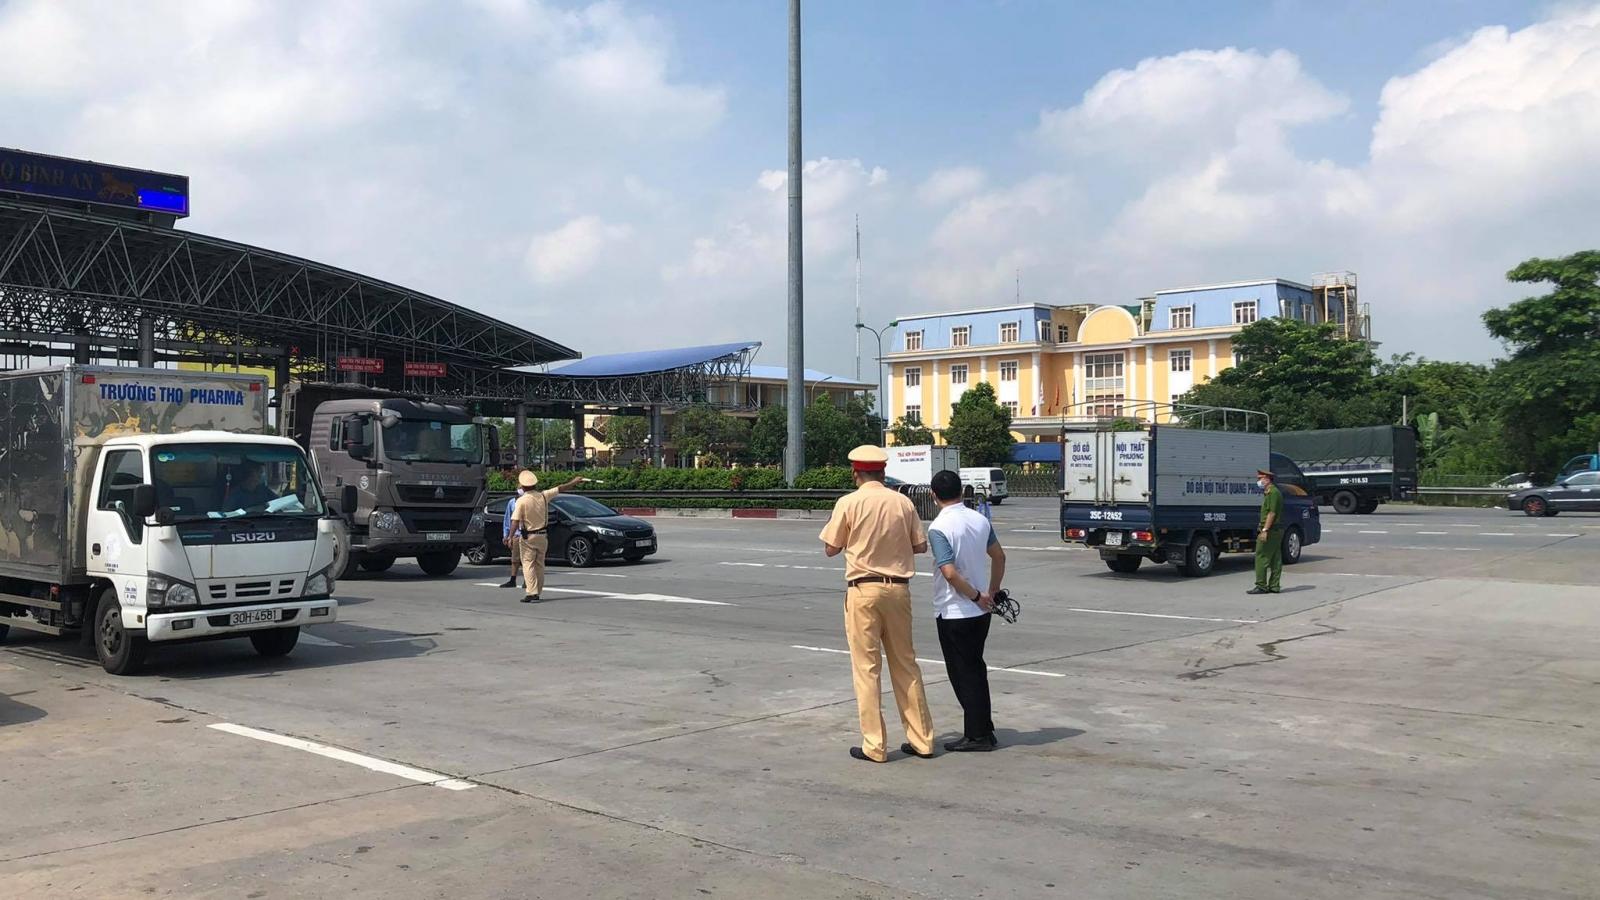 Những tuyến đường tránh đi qua Hà Nội, phương tiện có thể lựa chọn